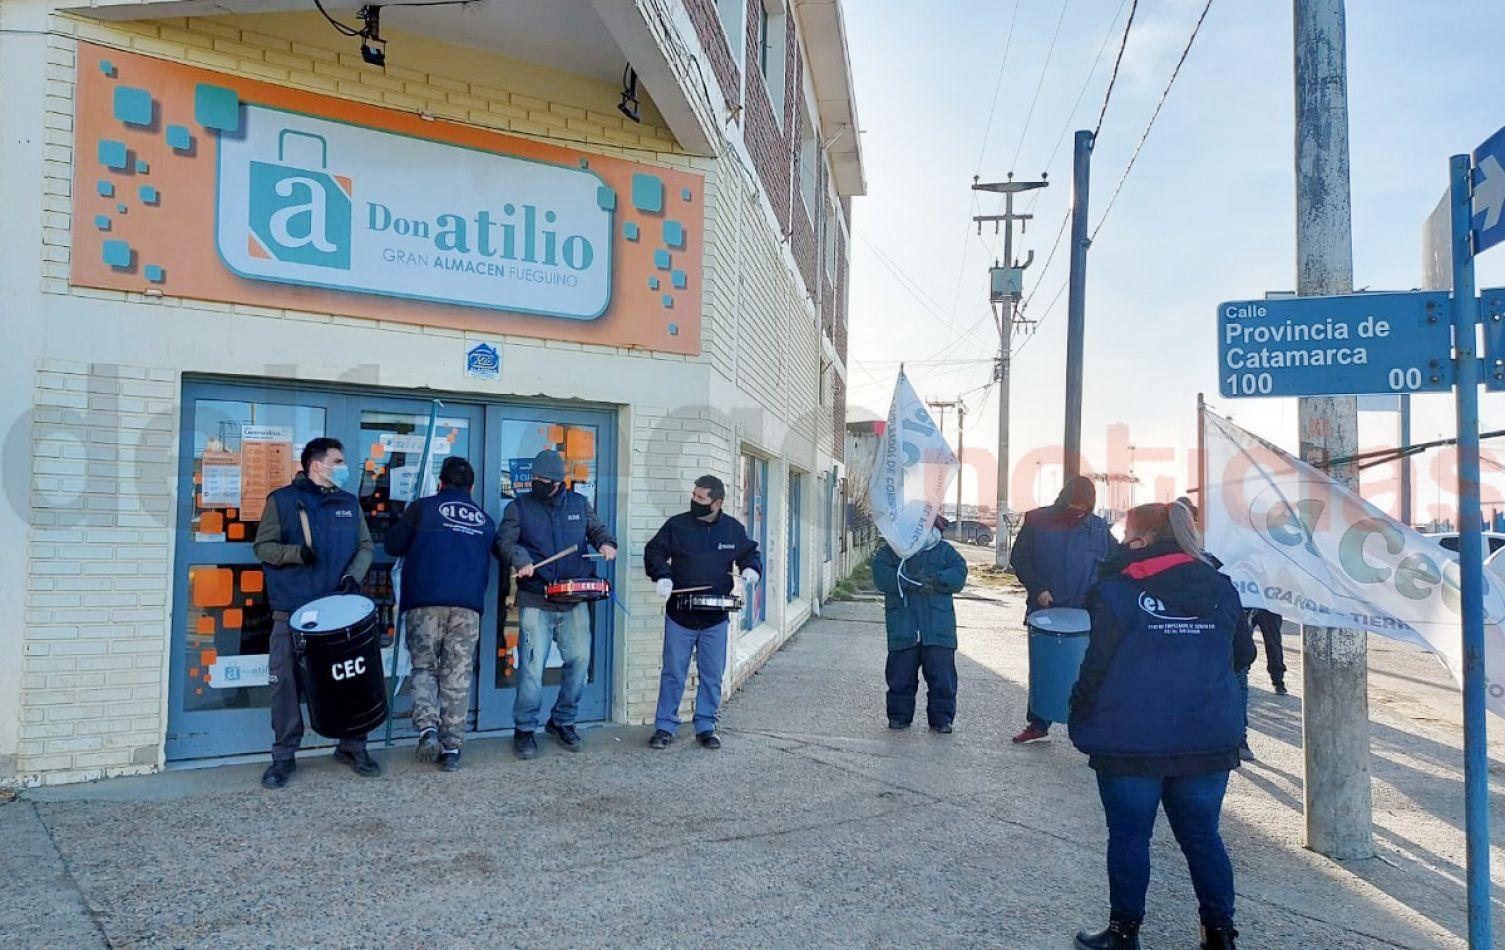 Integrantes del CEC se manifestaron en la puerta de Don Atilio. (Foto: Gentileza Mighens Guzmán).